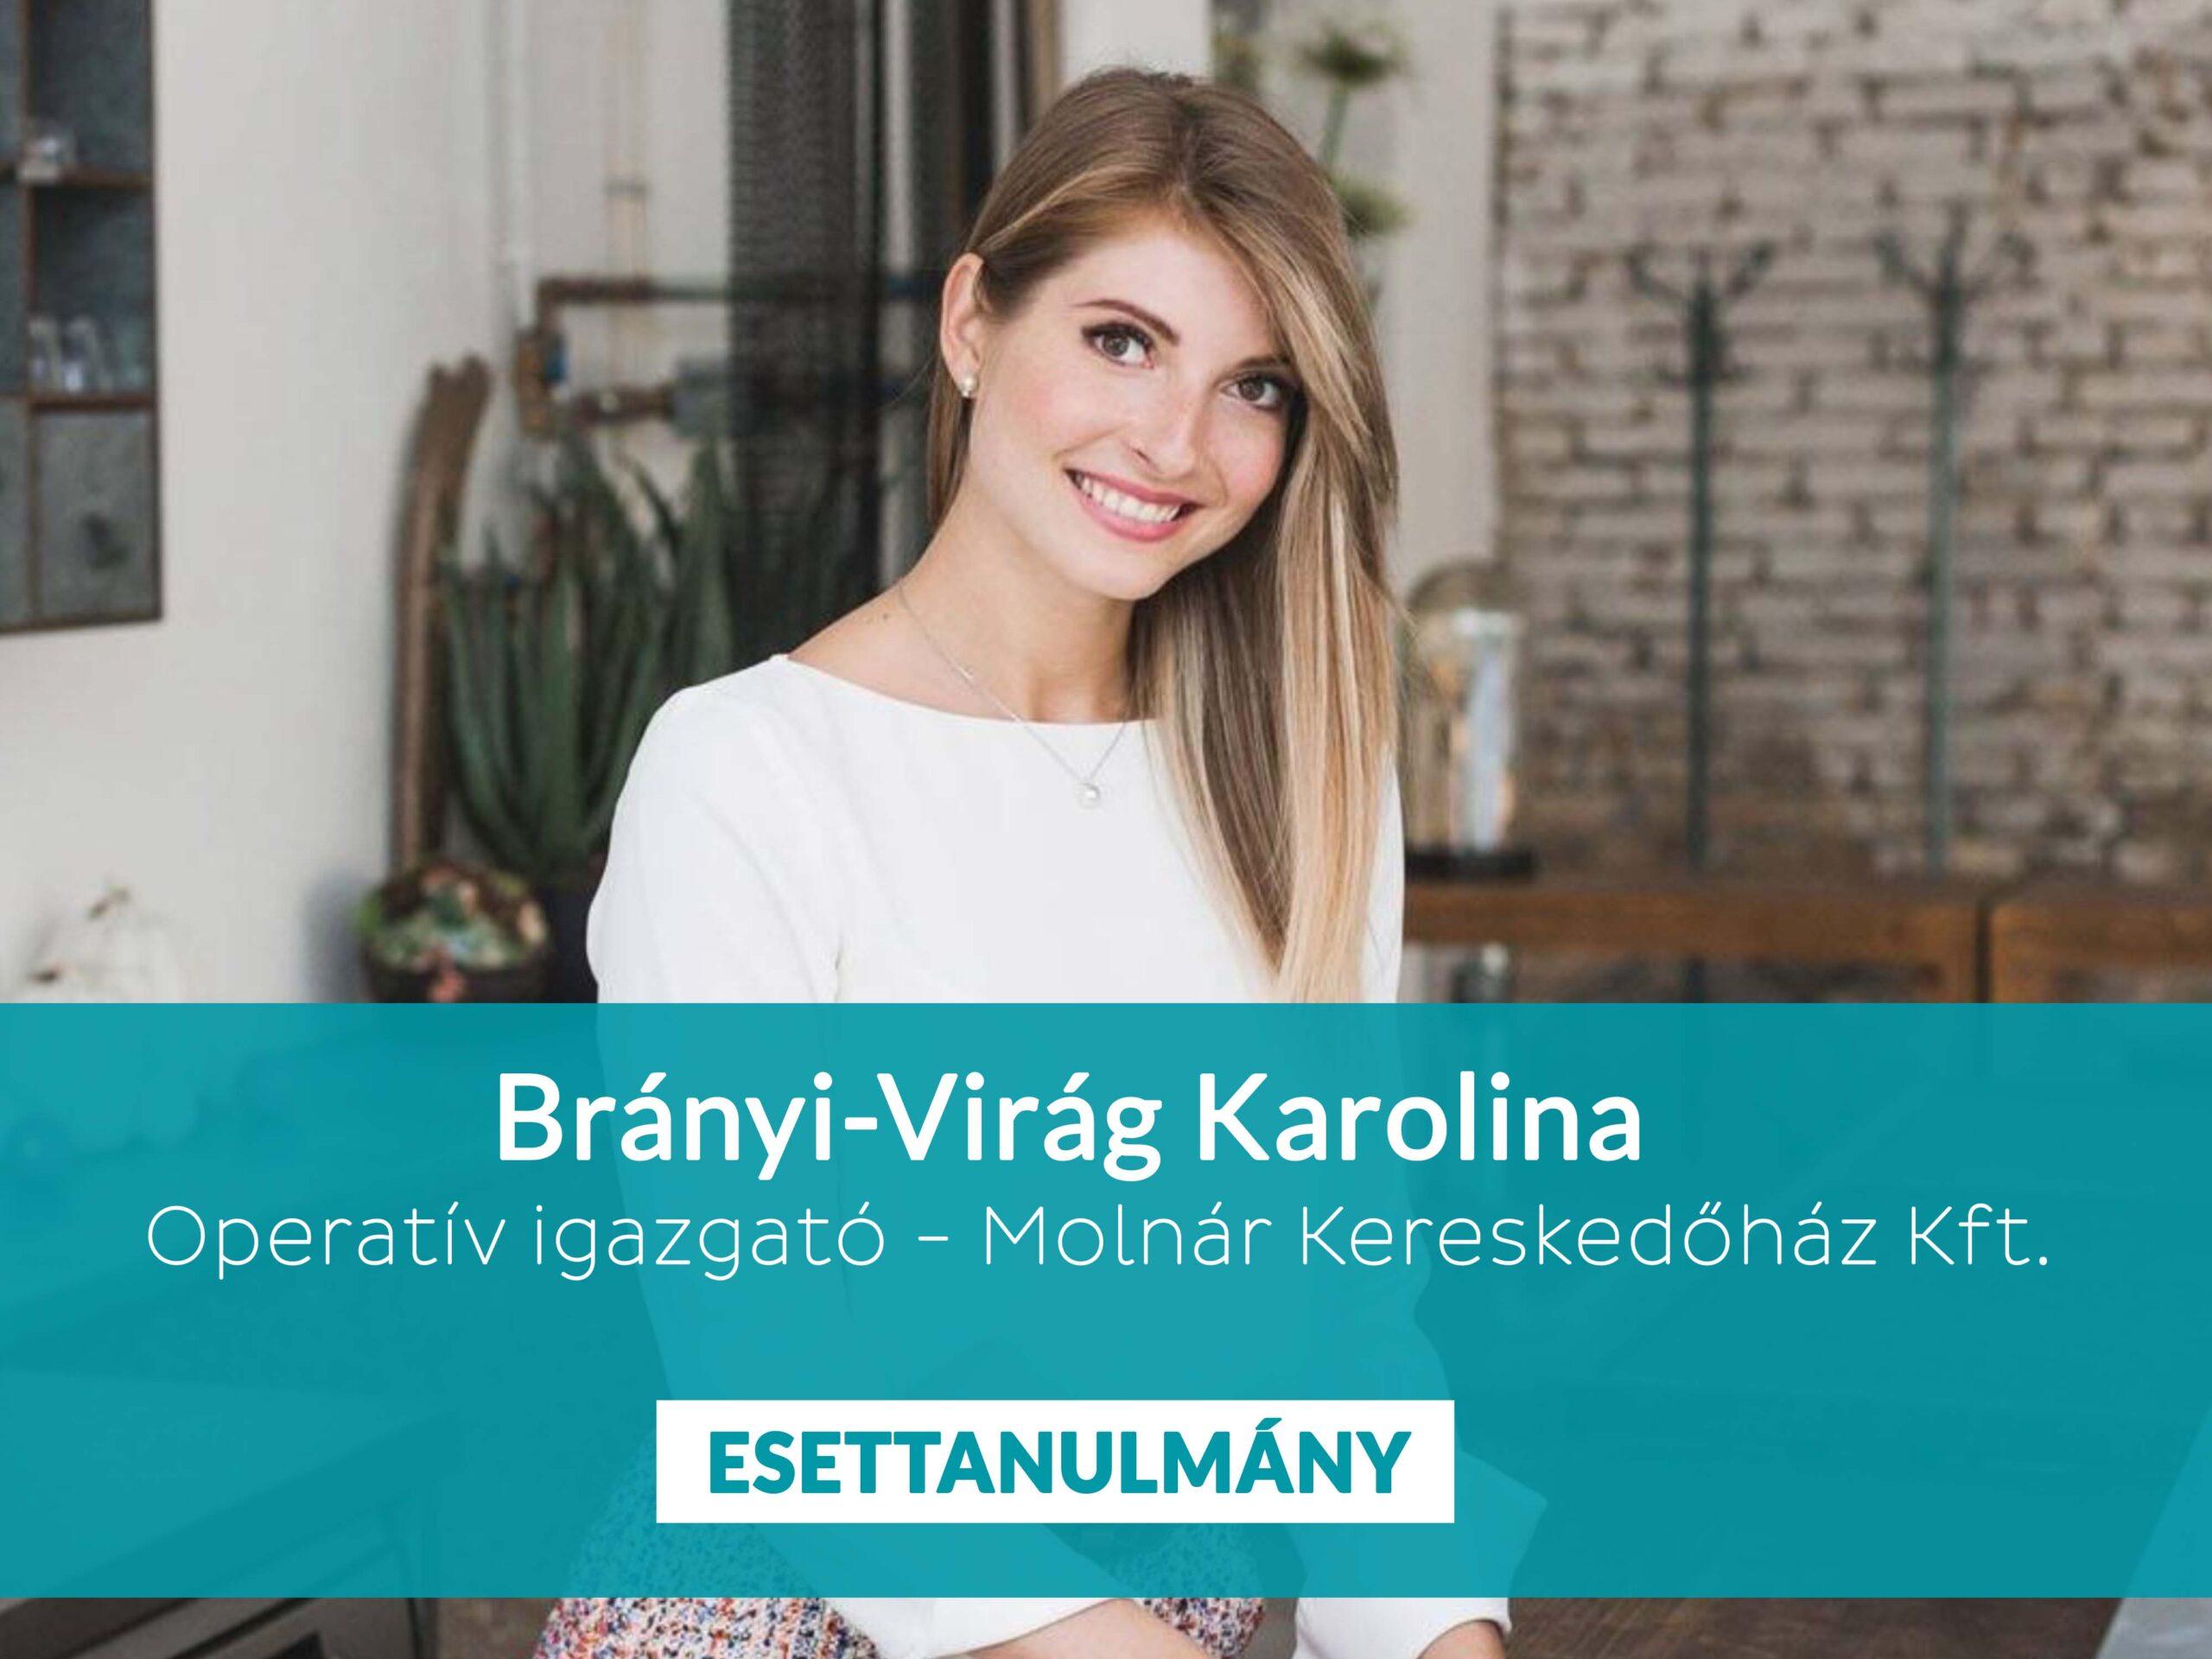 Brányi-Virág Karolina operatív igazgató - Molnár Kereskedőház Kft.